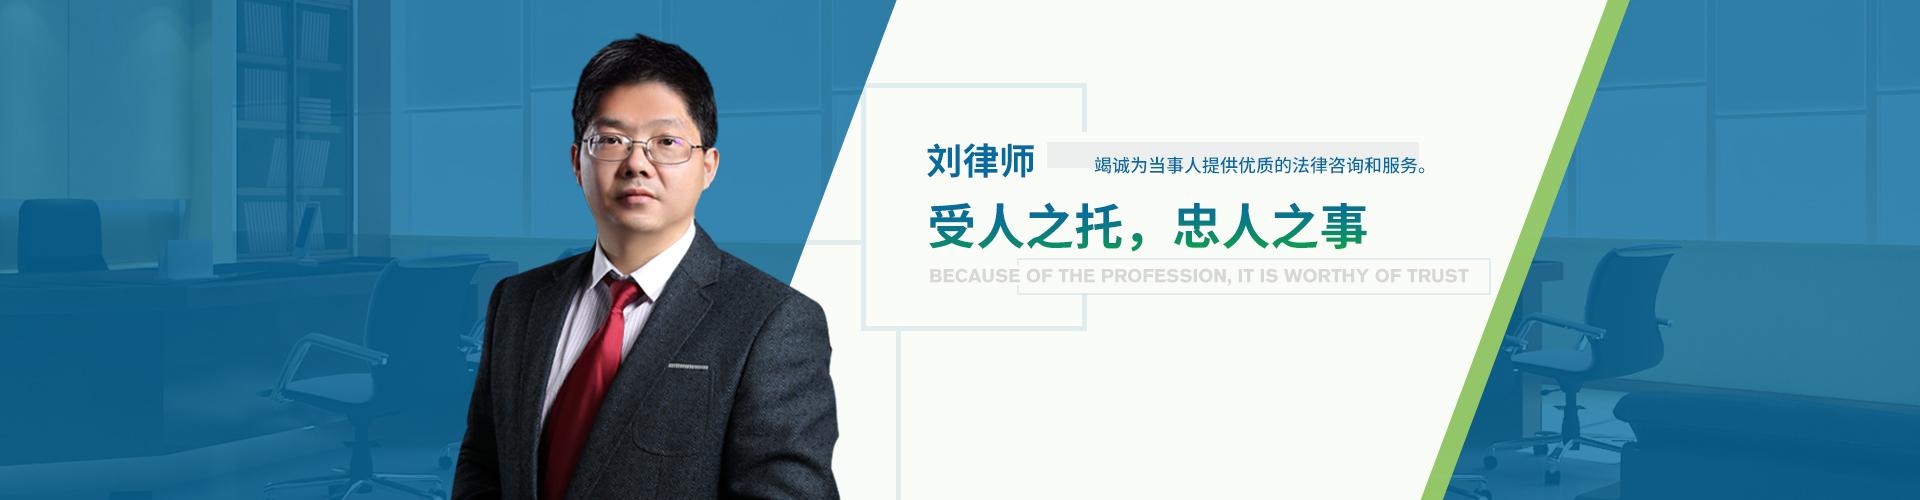 刘洪波律师